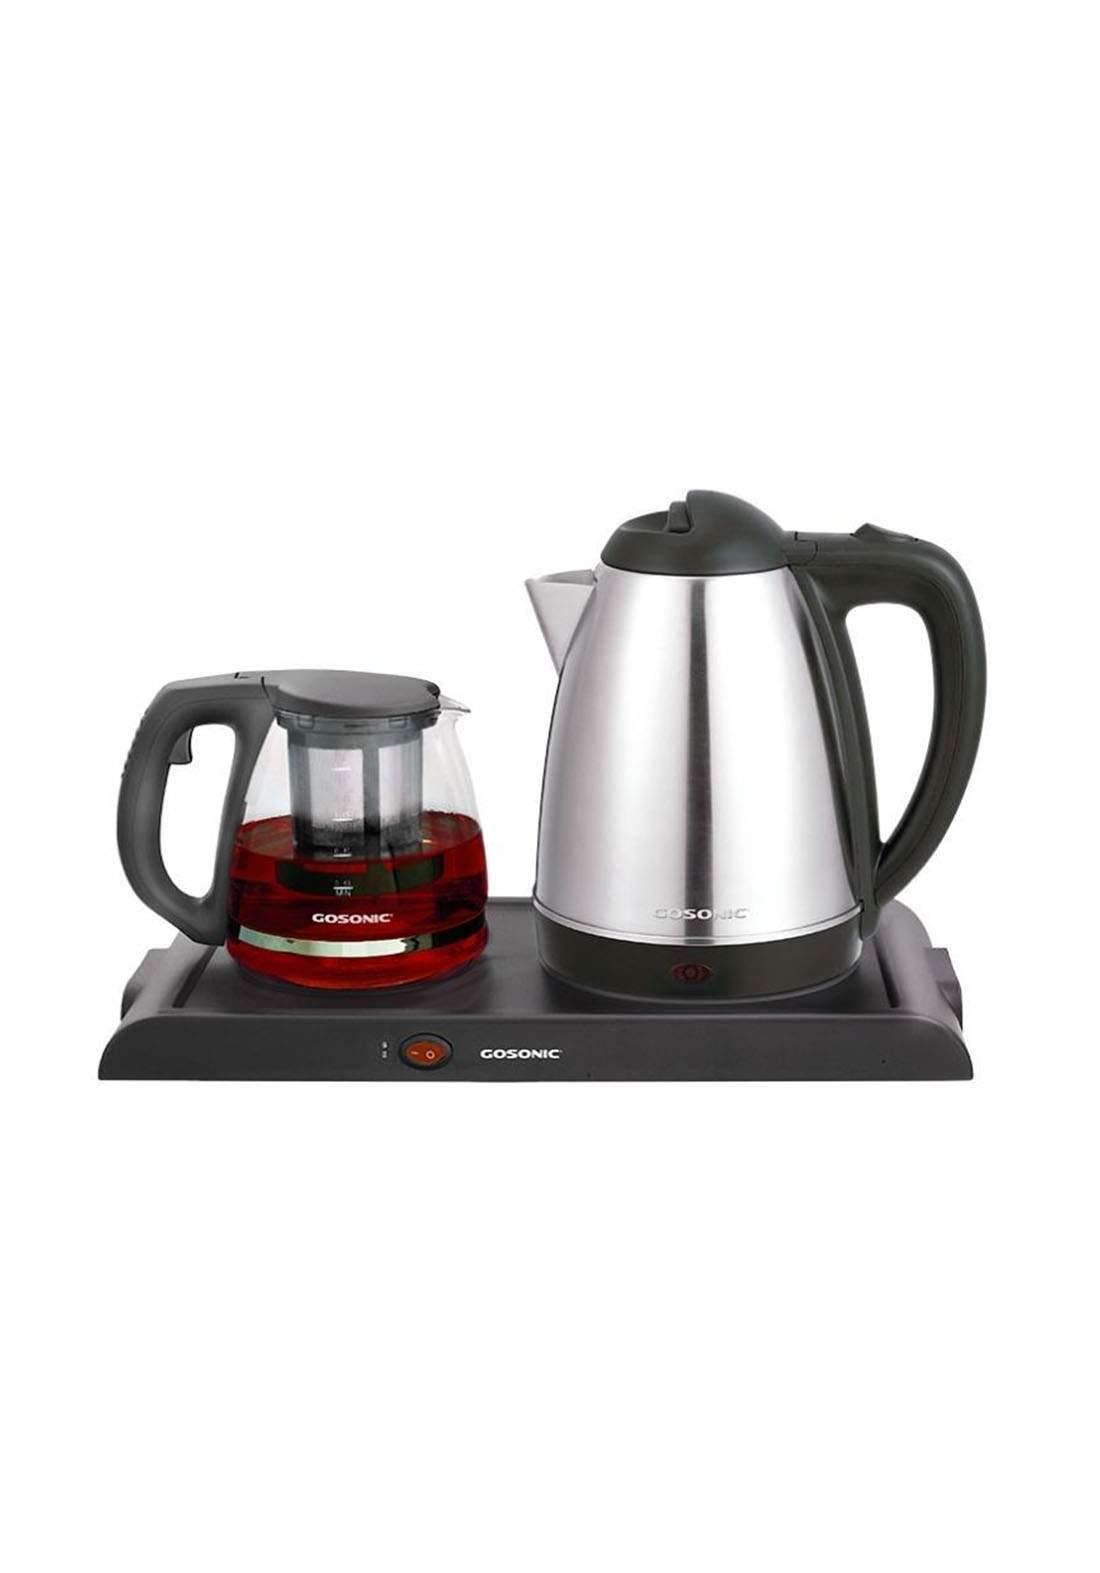 Gosonic GST874 Tea Maker  غلاية شاي